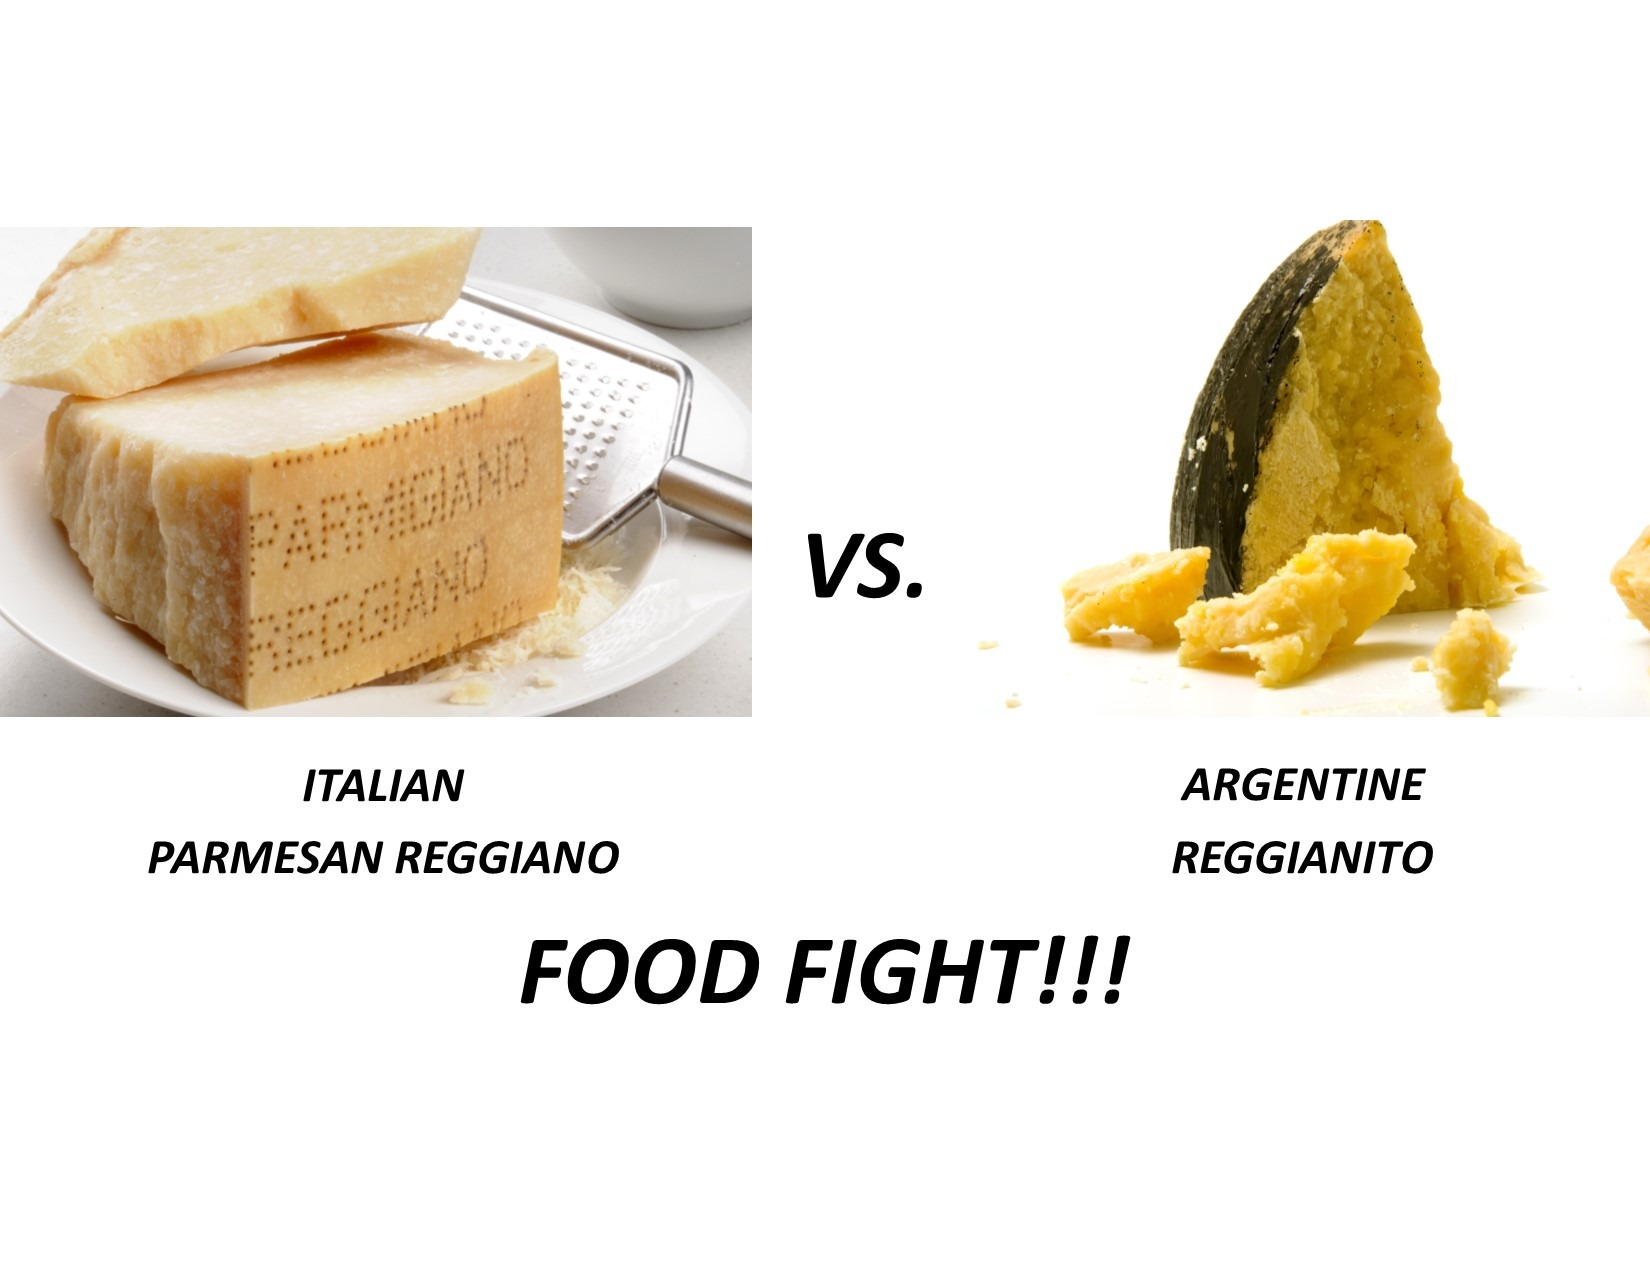 Reggiano vs Reggianito